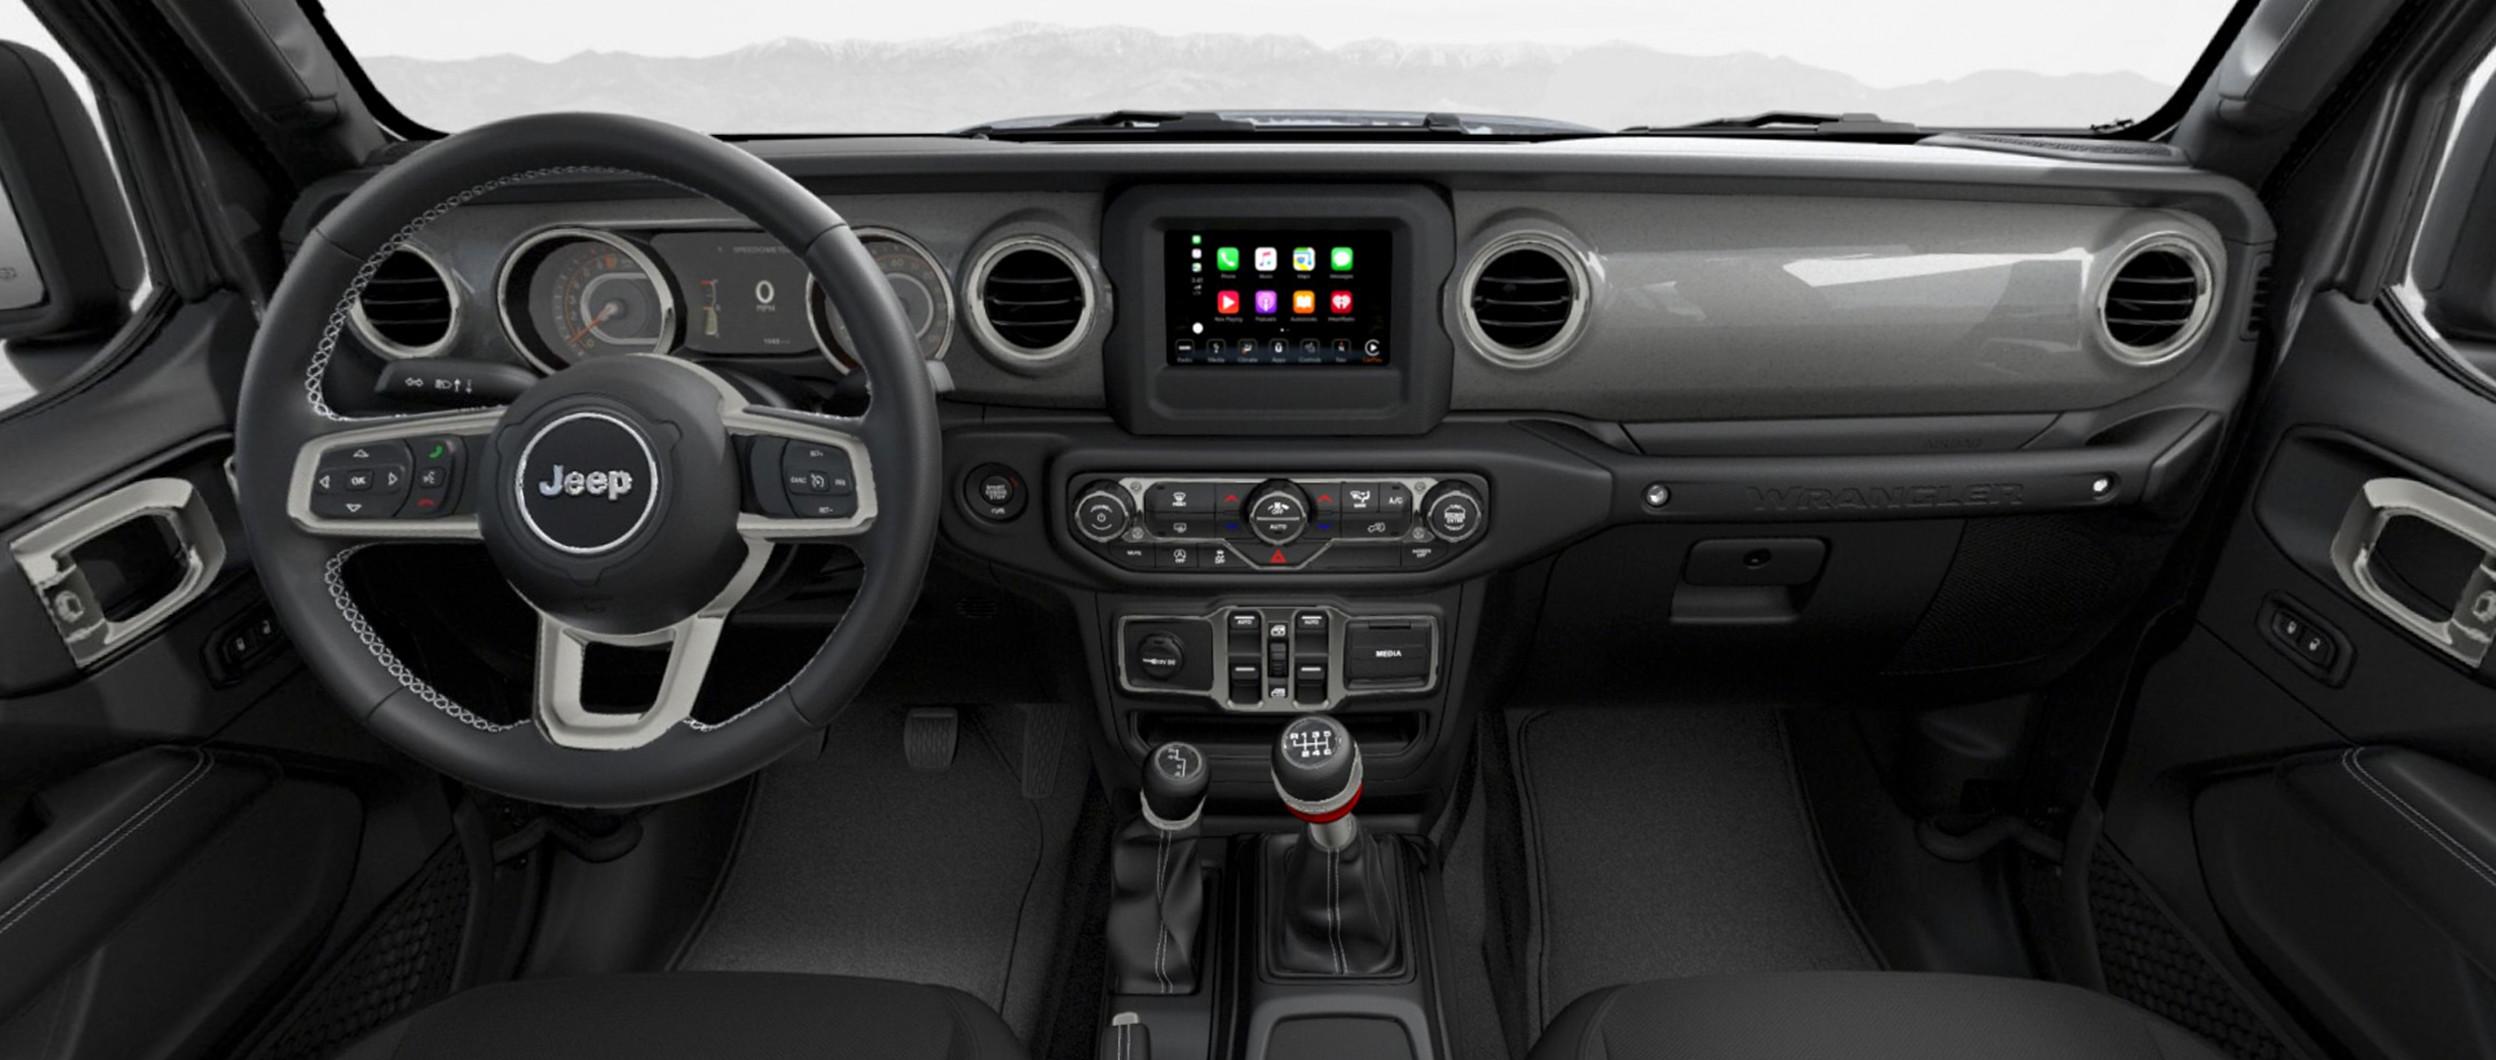 Jeep Wrangler Interior >> 2019 Jeep Wrangler Interior Gallery Jeep Canada